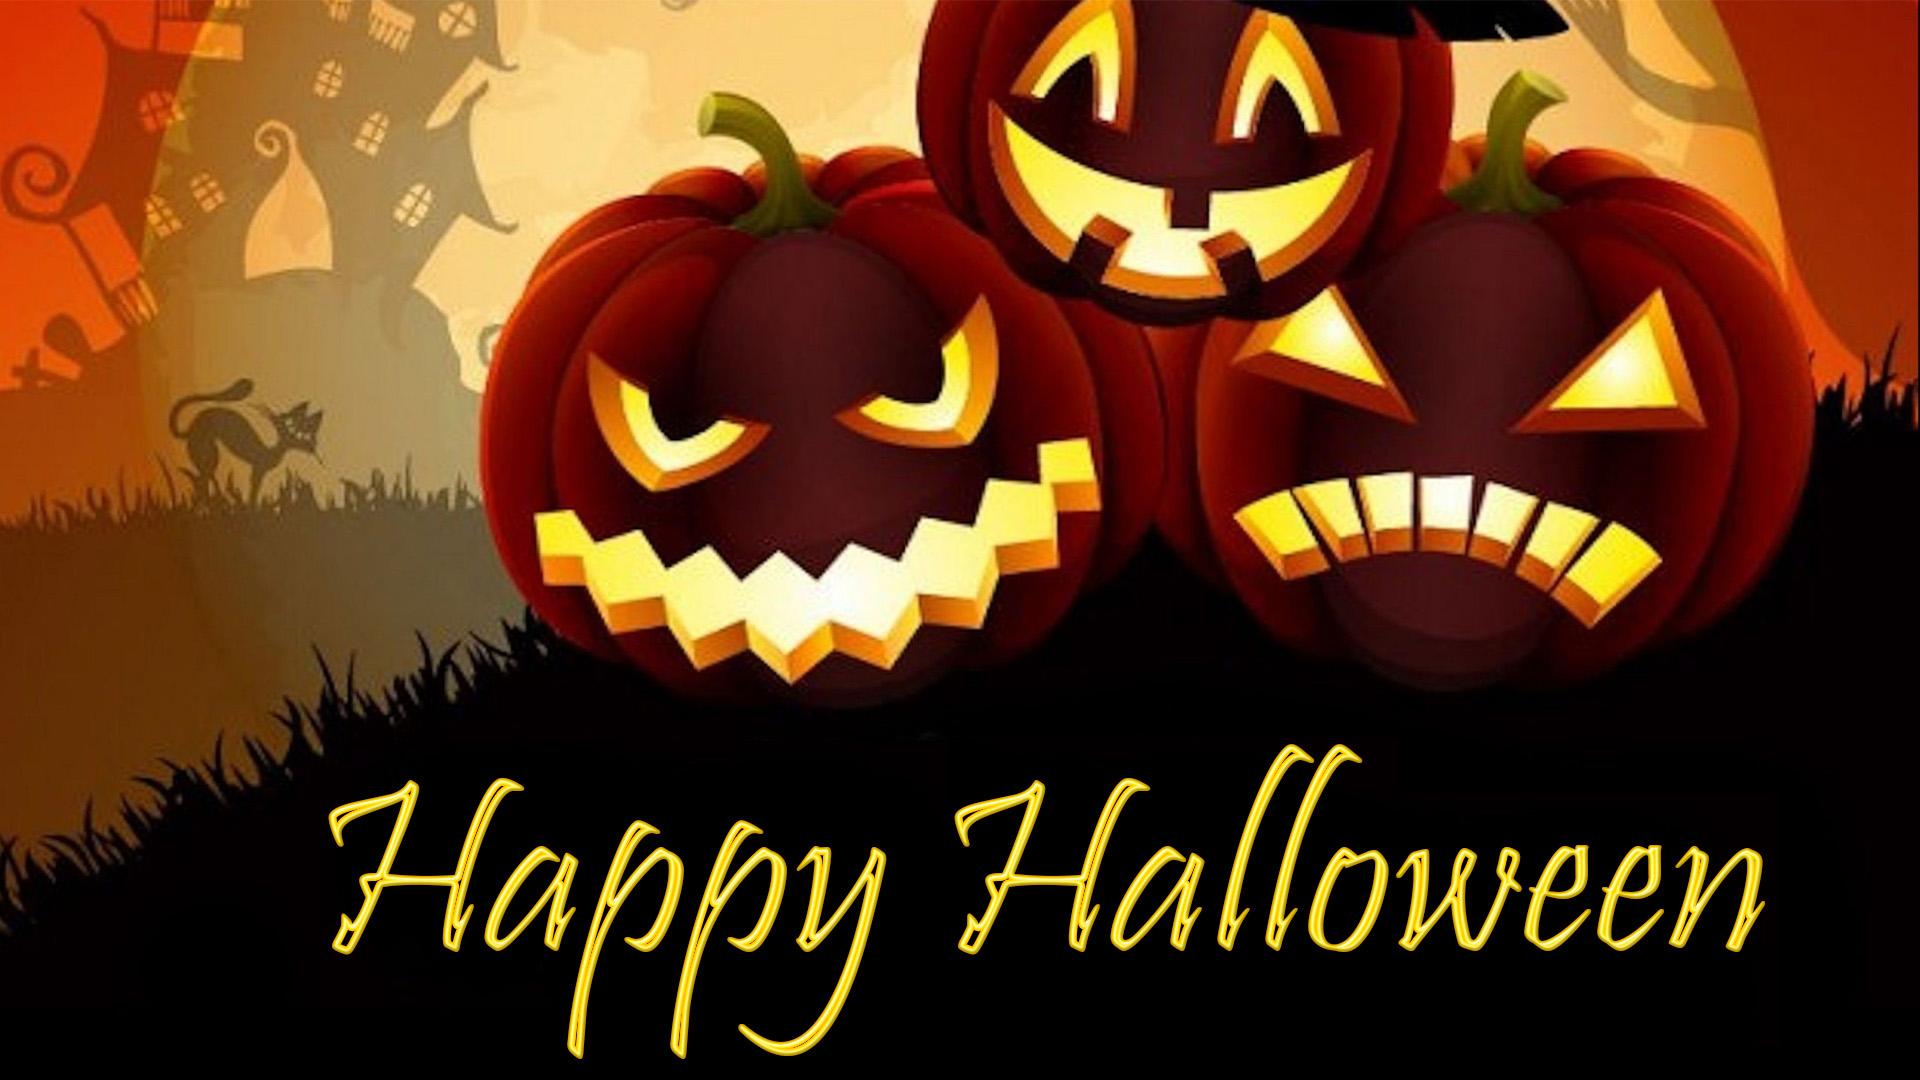 Happy Halloween Images Pictures Wallpapers Halloween Wallpapers